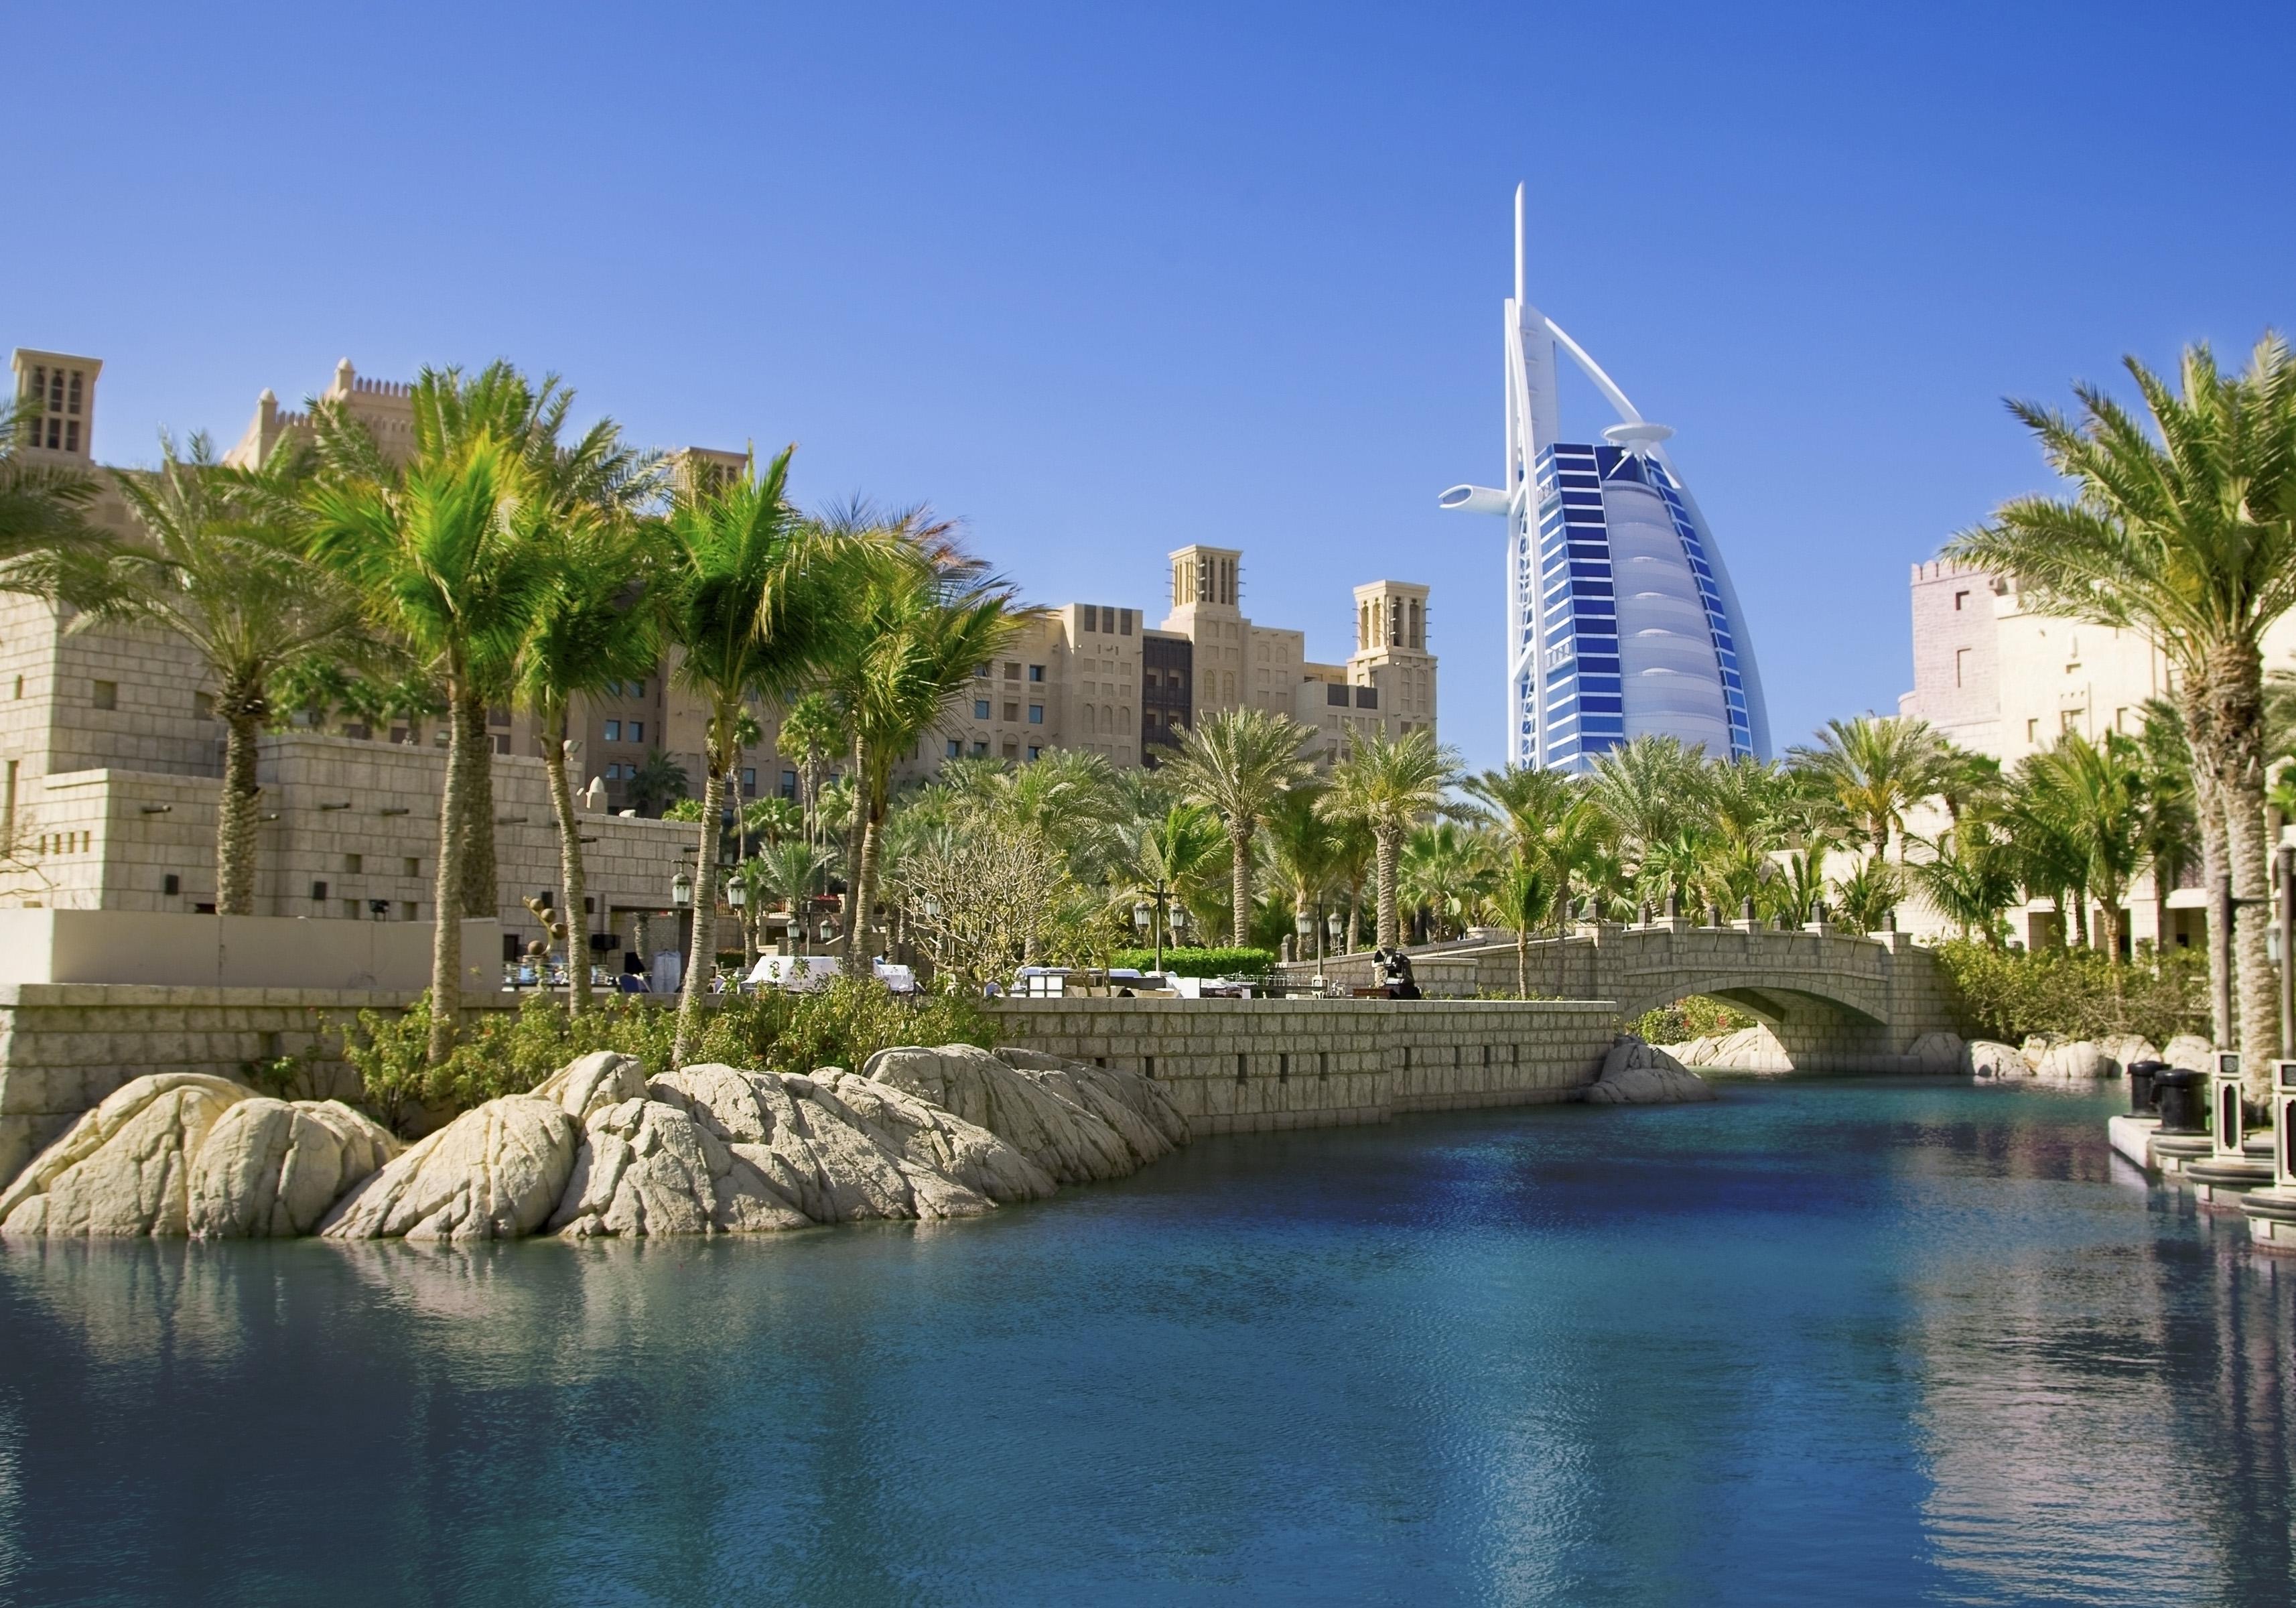 Les transporteurs du Golfe ont décidé non seulement de devenir les premiers opérateurs mondiaux, d'ailleurs Tim Clark ne cache pas les ambitions d'Emirates, mais également de faire tourner le transport aérien international autour de cette région du monde - © marrfa - Fotolia.com